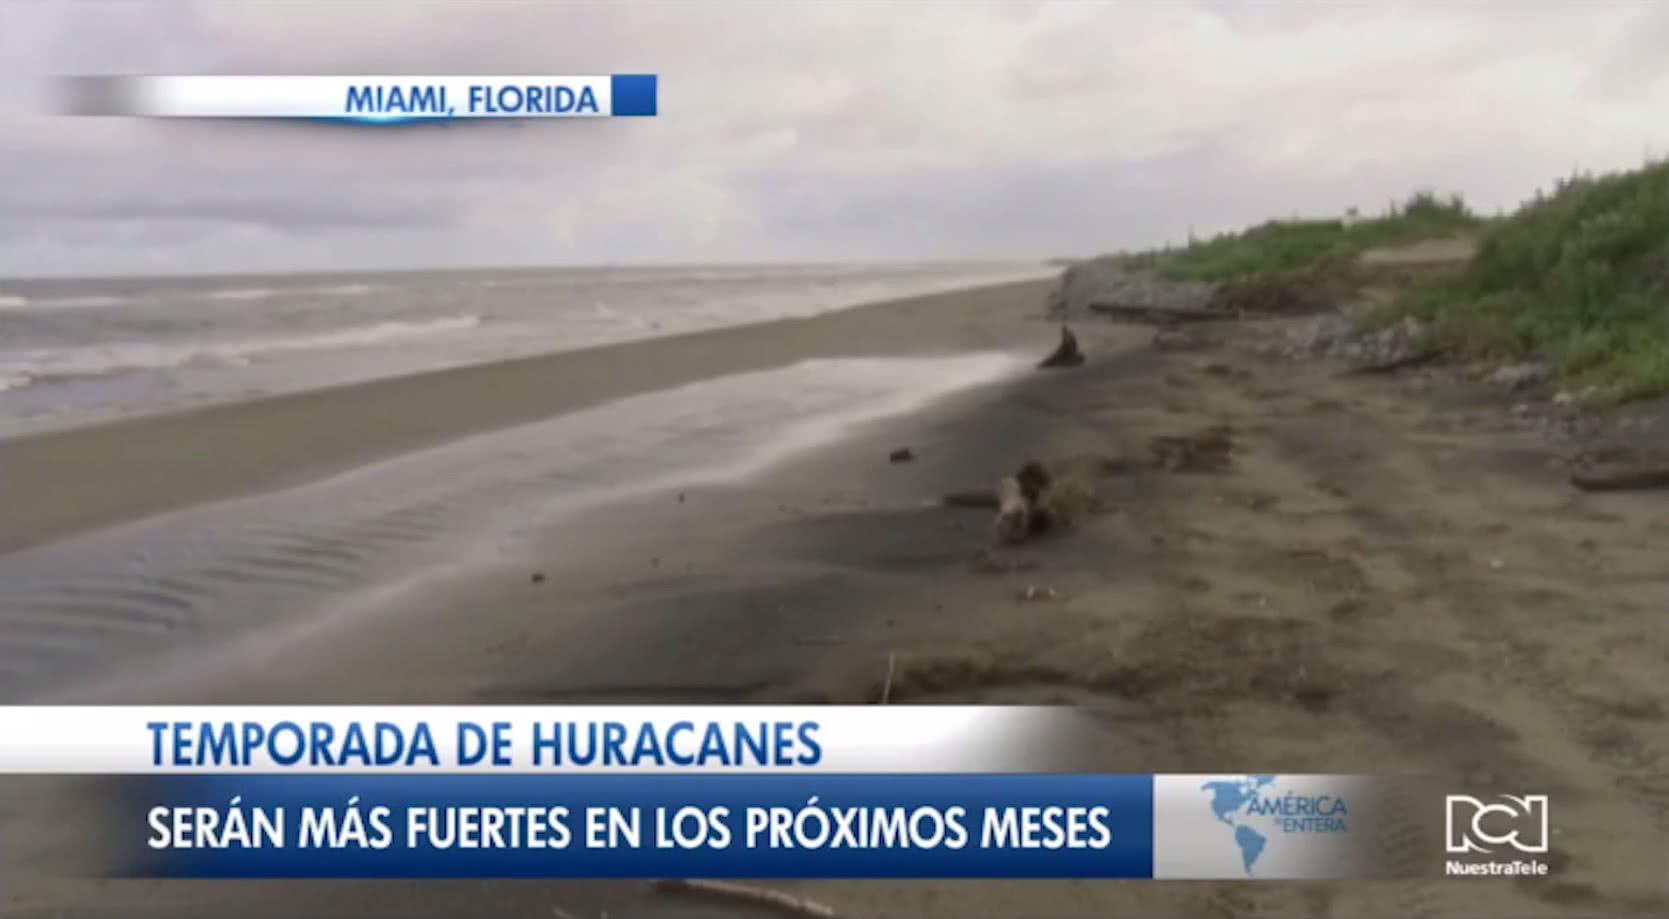 Aumentará la intensidad de la temporada de huracanes en el Atlántico